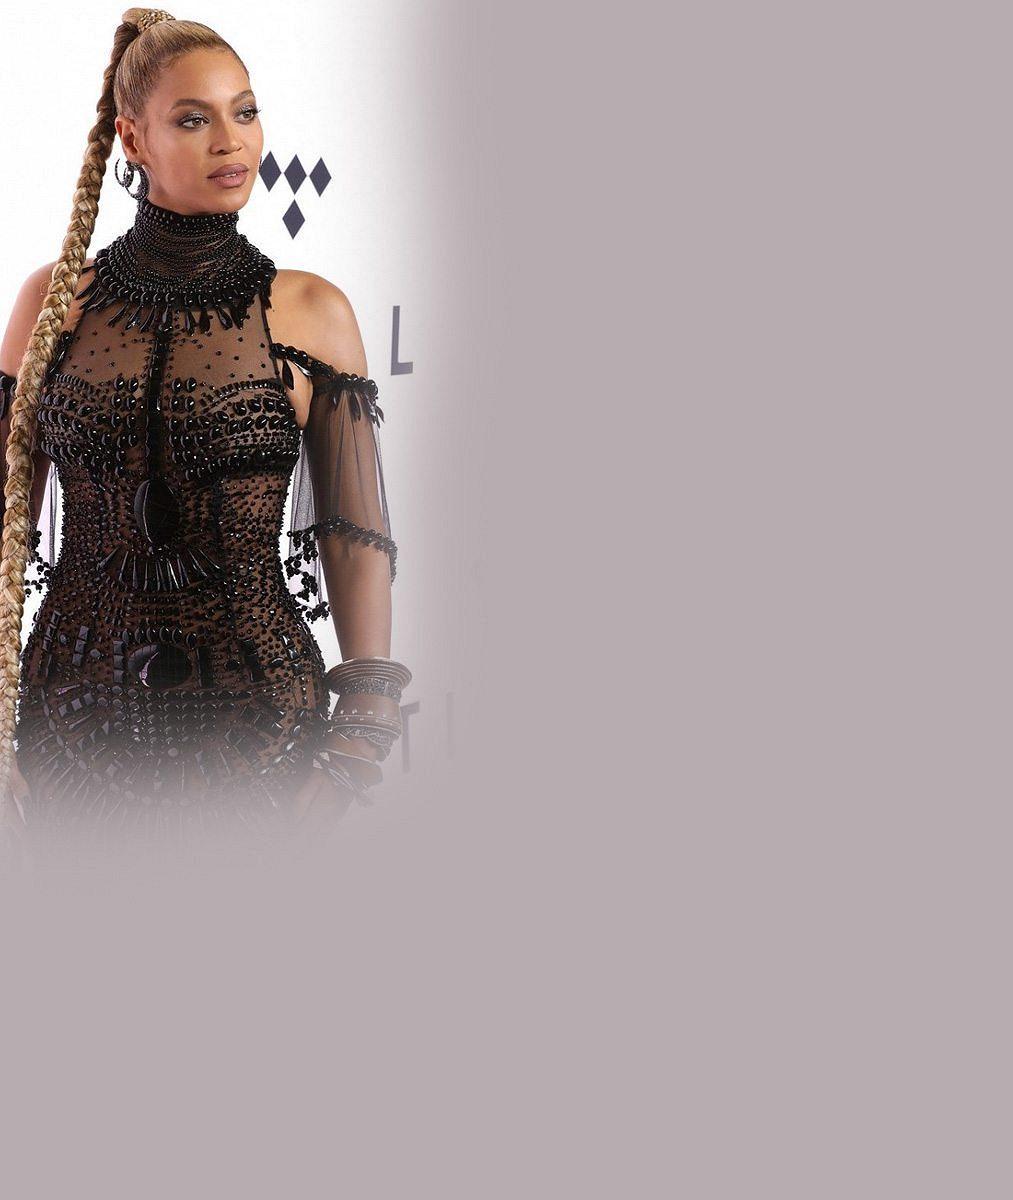 Beyoncé tentokrát neoblékla téměř nic: V průsvitných šatech posetých korálky dokonale prodala své přednosti